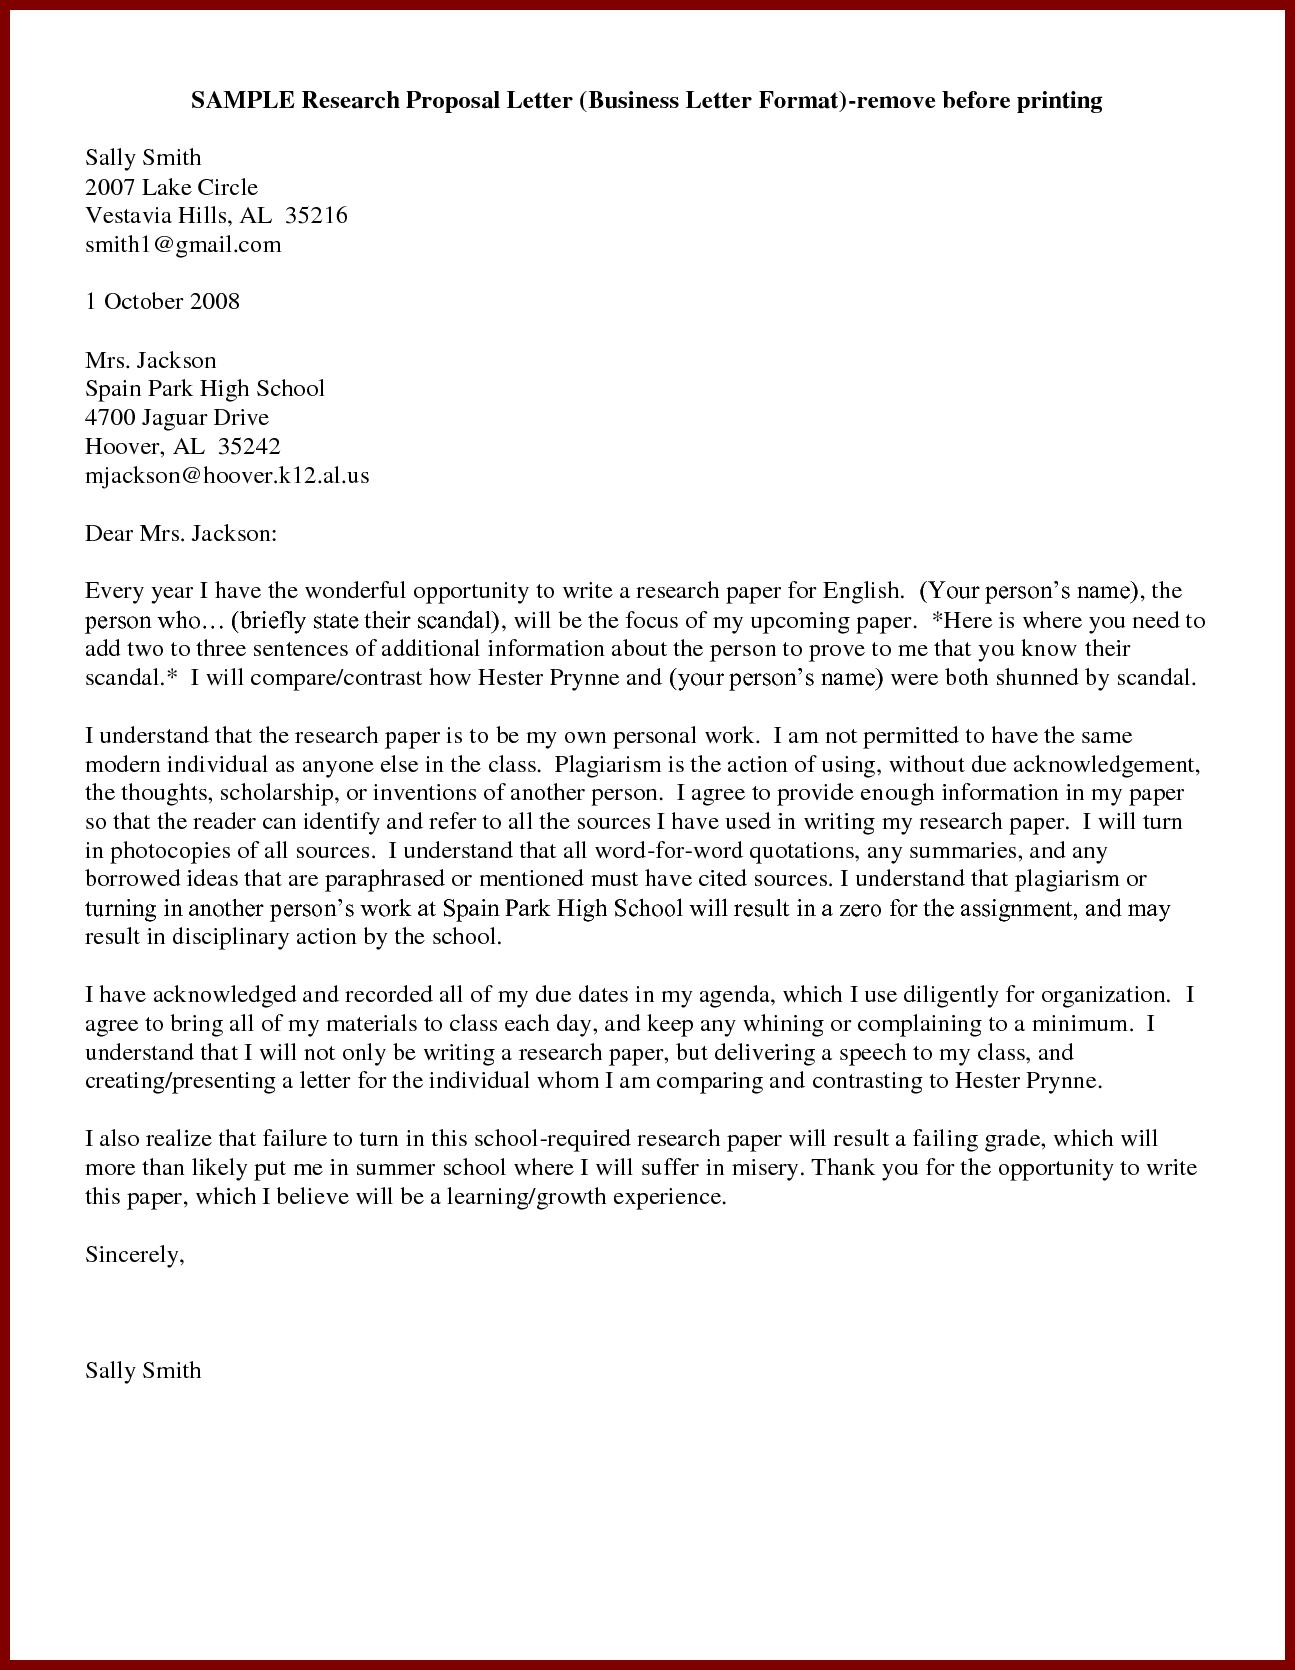 Template For Business Letter Sendlettersfo Letterrmal Sample